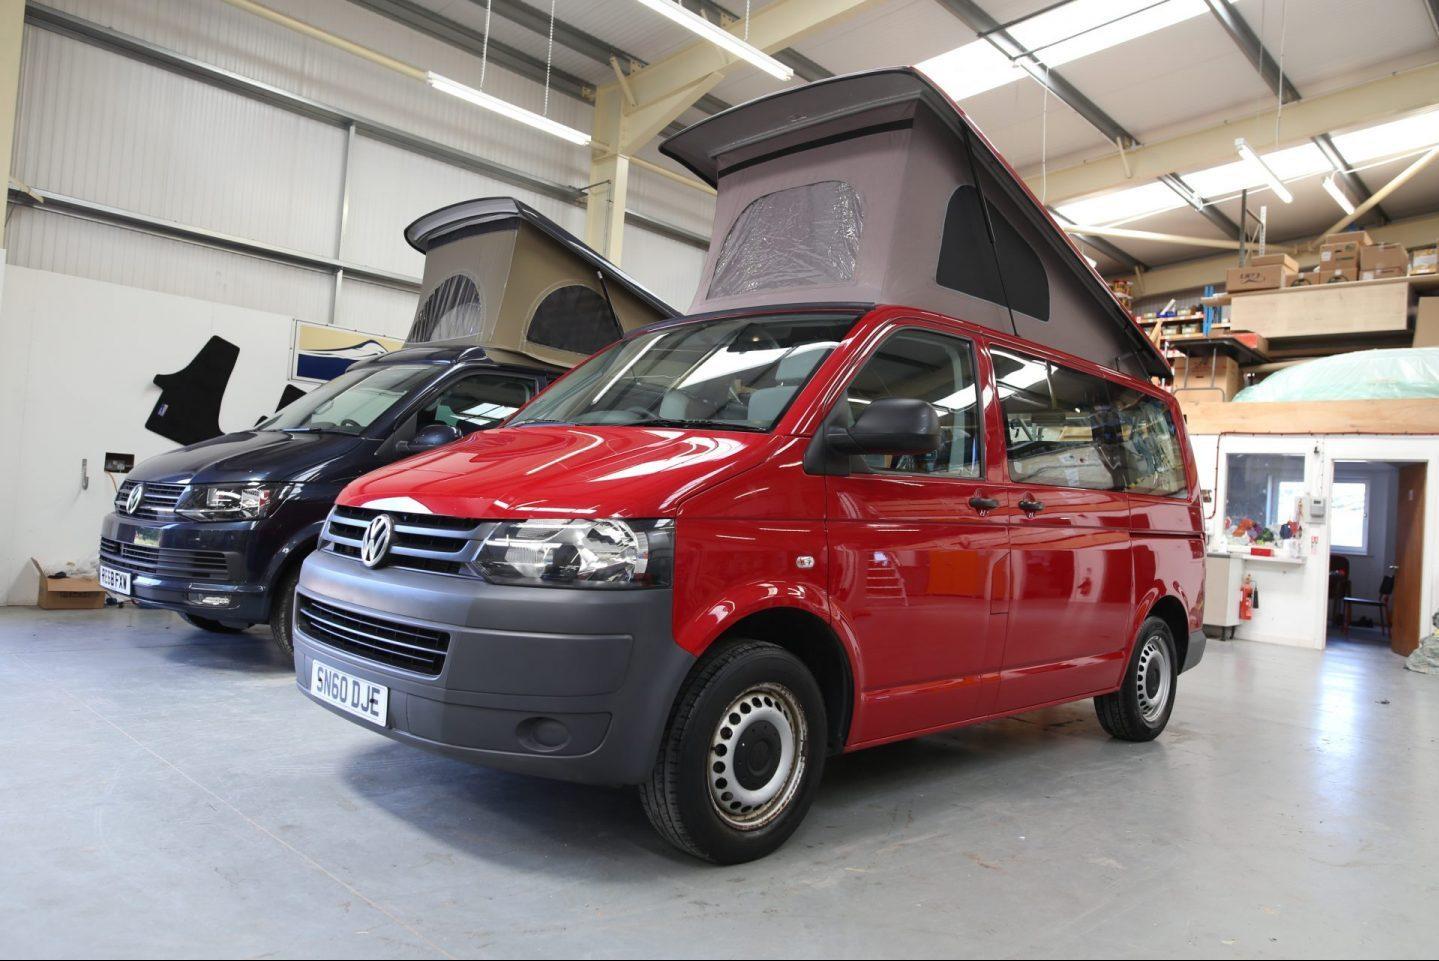 2010 Tiree VW T5 Campervan